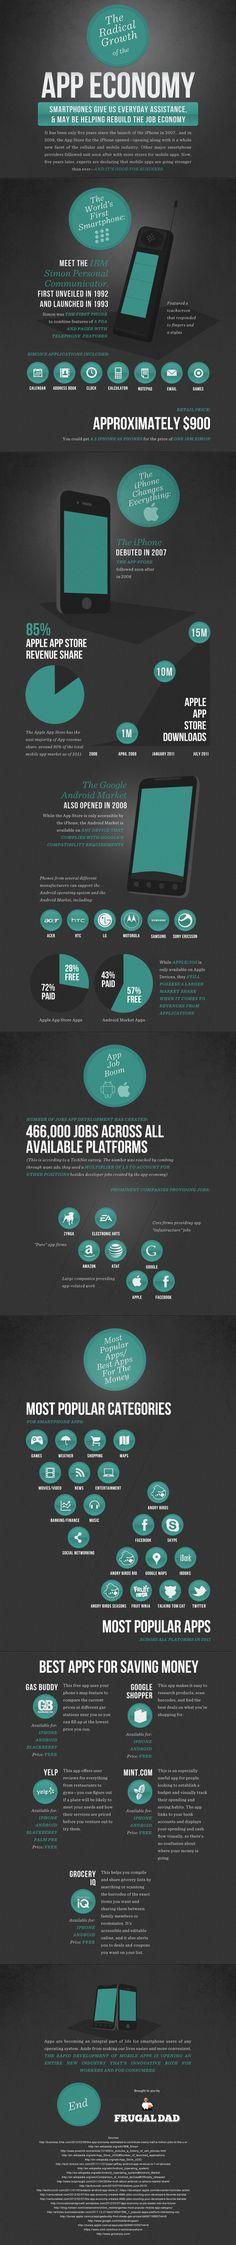 The mobile app economy.